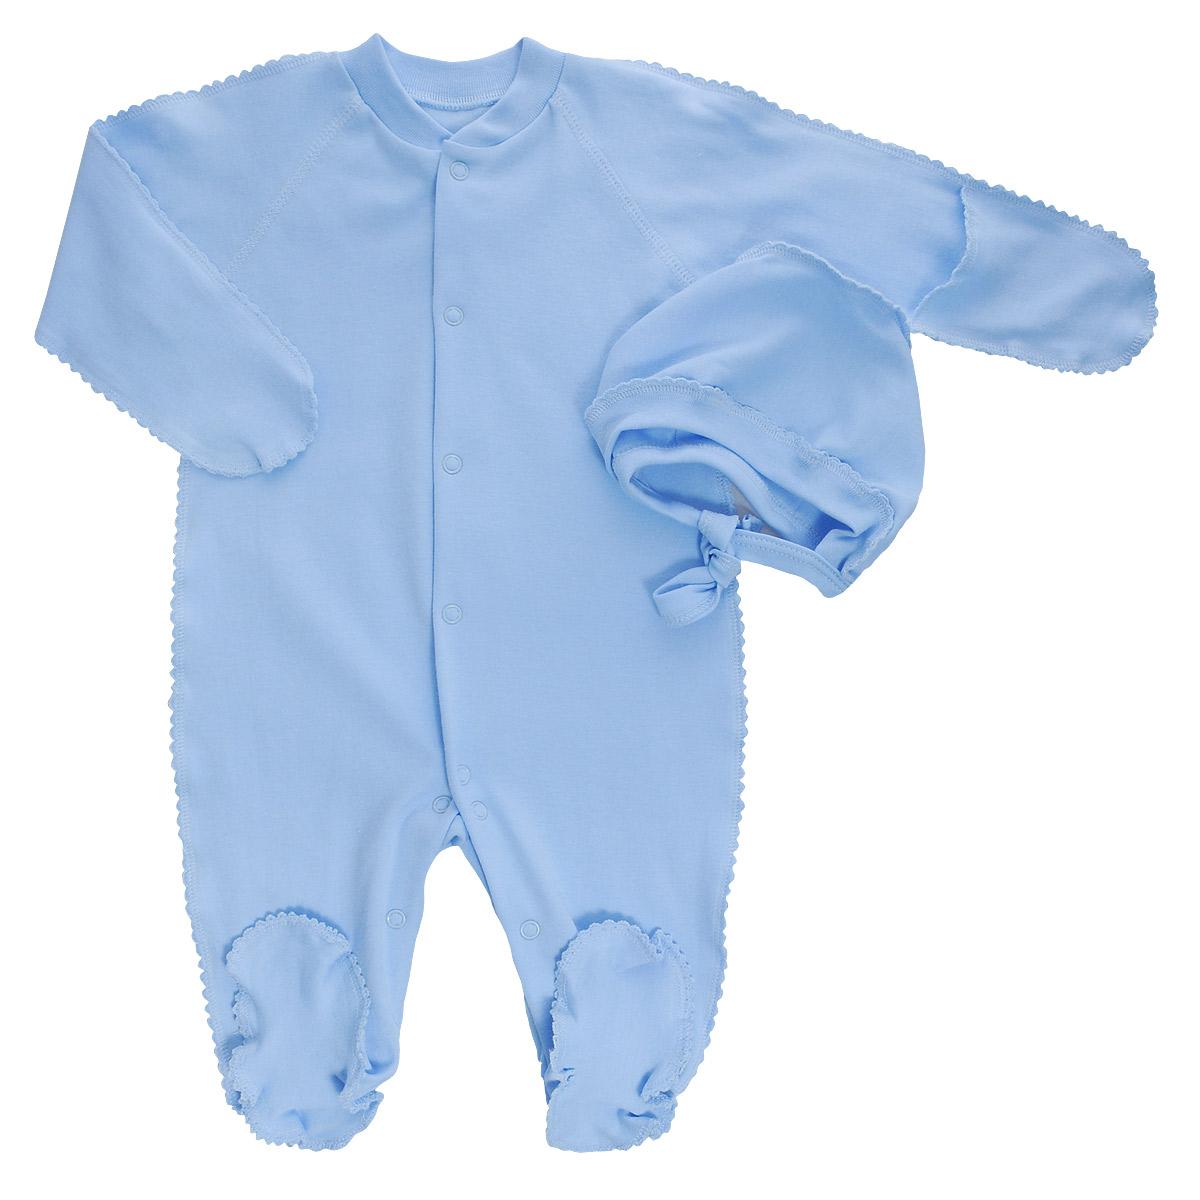 Комплект детский Фреш Стайл: комбинезон, чепчик, цвет: голубой. 37-5231. Размер 56, от 0 до 3 месяцев37-5231Комплект Фреш Стайл, состоящий из комбинезона и чепчика, идеально подойдет вашему ребенку. Изготовленный из 100% хлопка, он необычайно мягкий и легкий, приятный на ощупь, не раздражает нежную кожу ребенка и хорошо вентилируется.Комбинезон с воротником-стойкой, длинными рукавами-реглан и закрытыми ножками имеет удобные застежки-кнопки по всей длине и на ластовице, которые помогают легко переодеть ребенка или сменить подгузник. Комбинезон имеет рукавички, с помощью которых ручки могут быть открыты или спрятаны и ваш ребенок не поцарапает себя.Мягкий чепчик защищает еще не заросший родничок, щадит чувствительный слух малыша, а мягкая резиночка, не сдавливая голову малыша,прикрывает ушки и предохраняет от теплопотерь. Швы элементов комплекта выполнены наружу и отделаны красивой декоративной строчкой. Комплект полностью соответствует особенностям жизни малыша в ранний период, не стесняя и не ограничивая его в движениях.